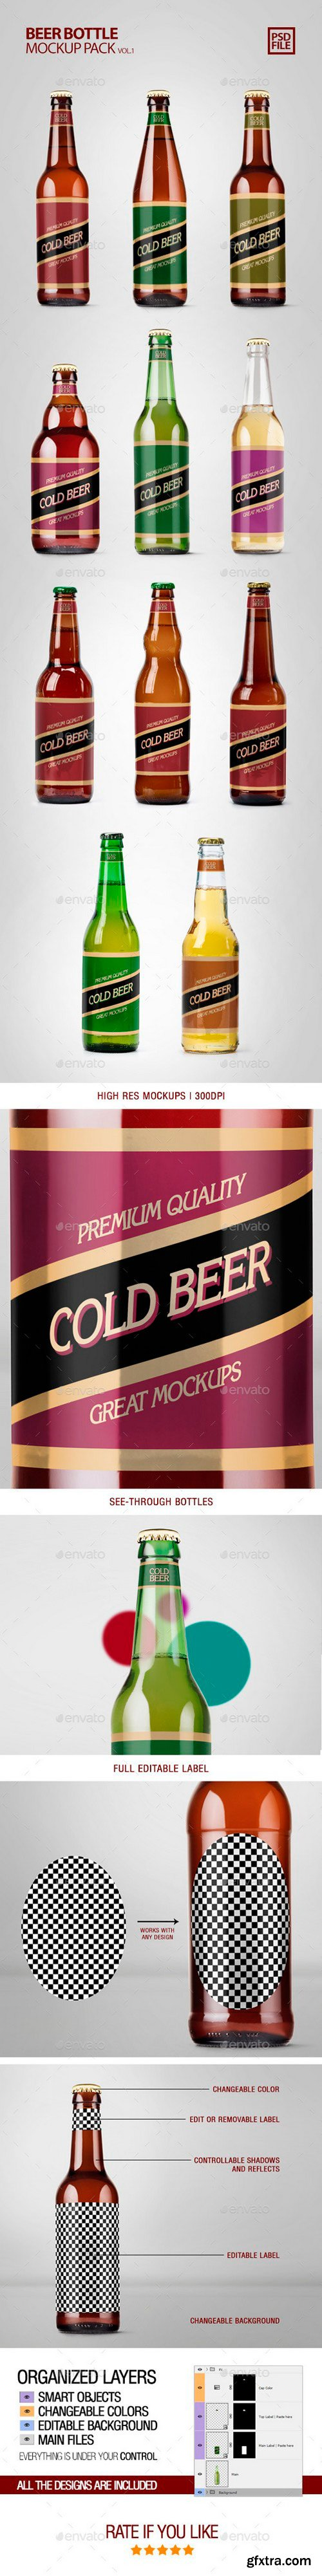 Graphicriver - 22063851 Beer Bottle Mockup Pack Vol1